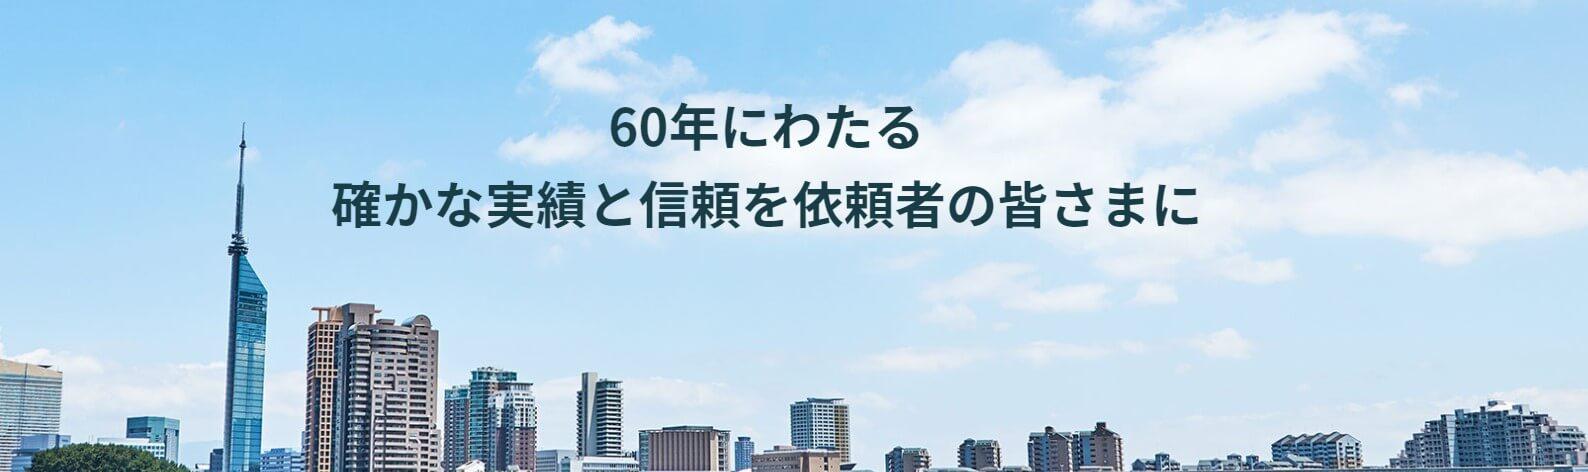 松本・永野法律事務所